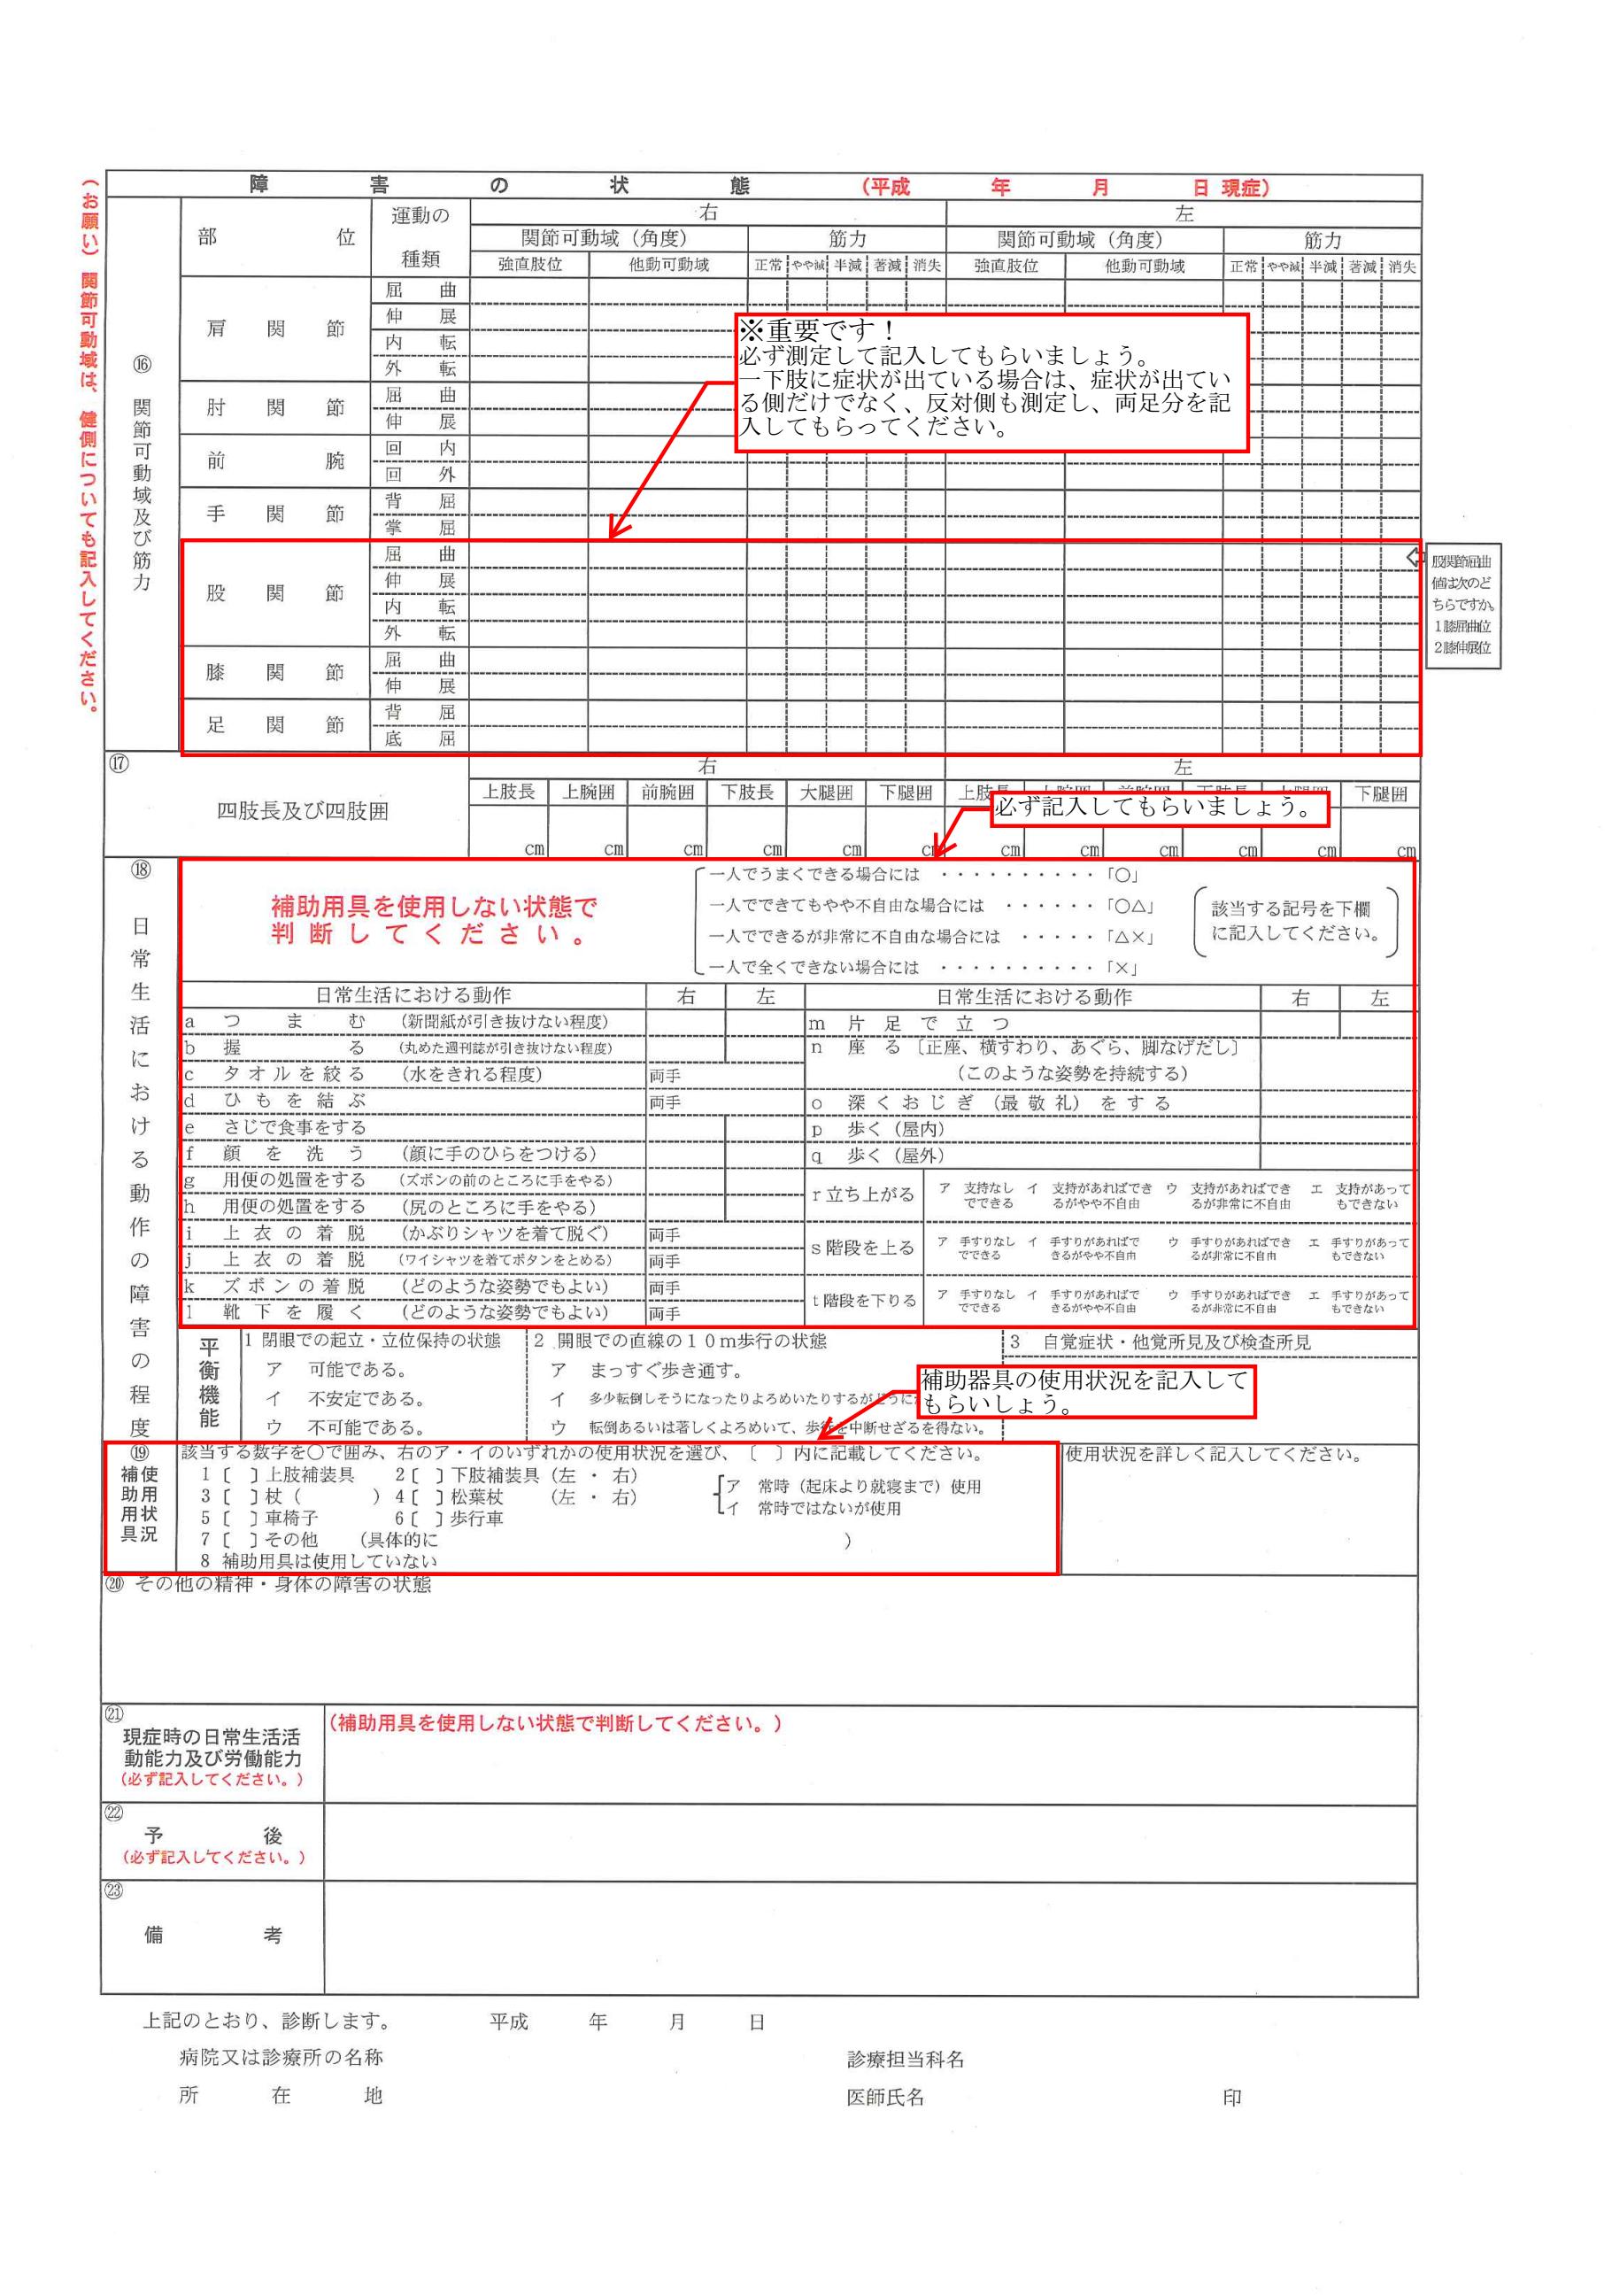 肢体の障害用の診断書の記載例